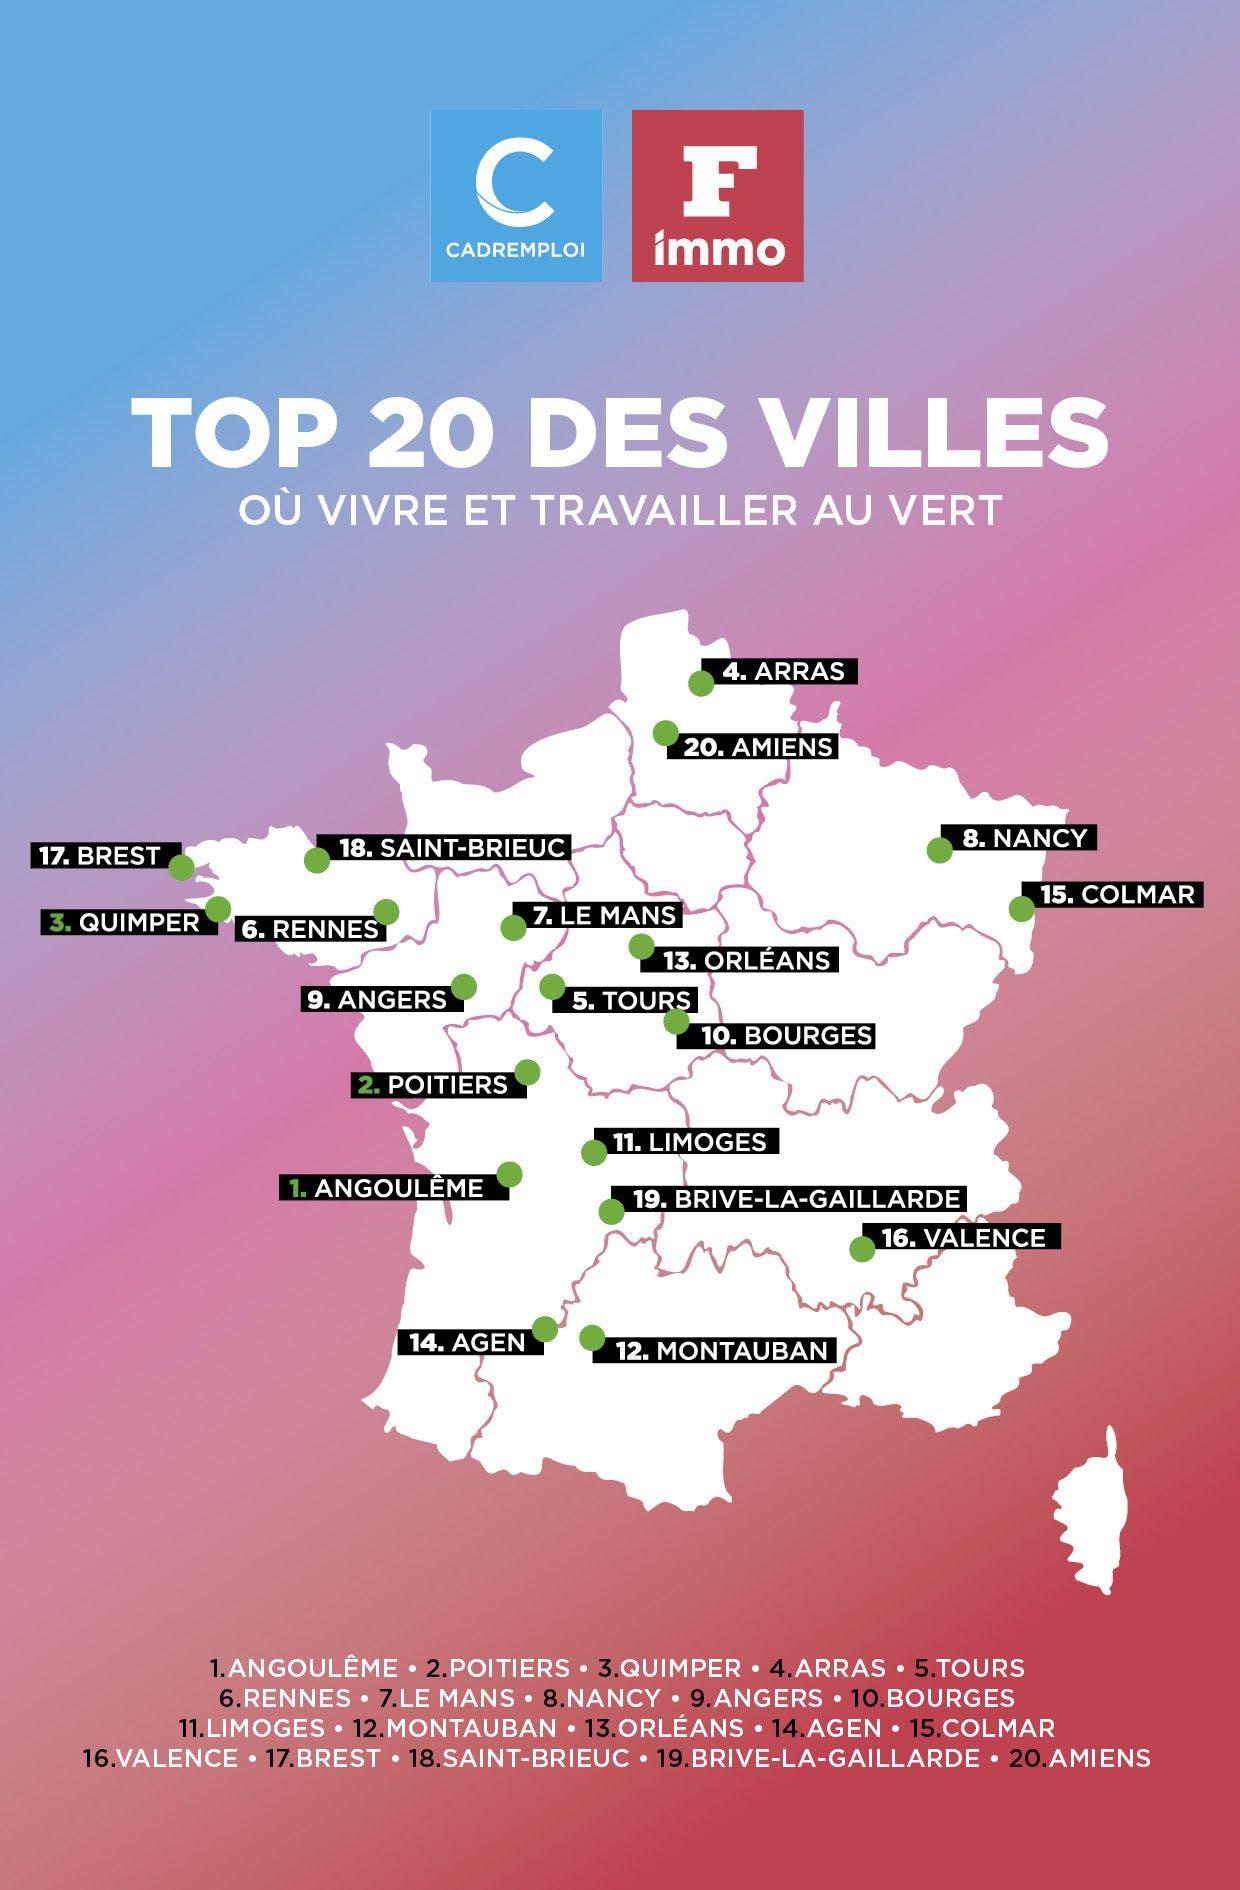 top 20 des villes où vivre au vert